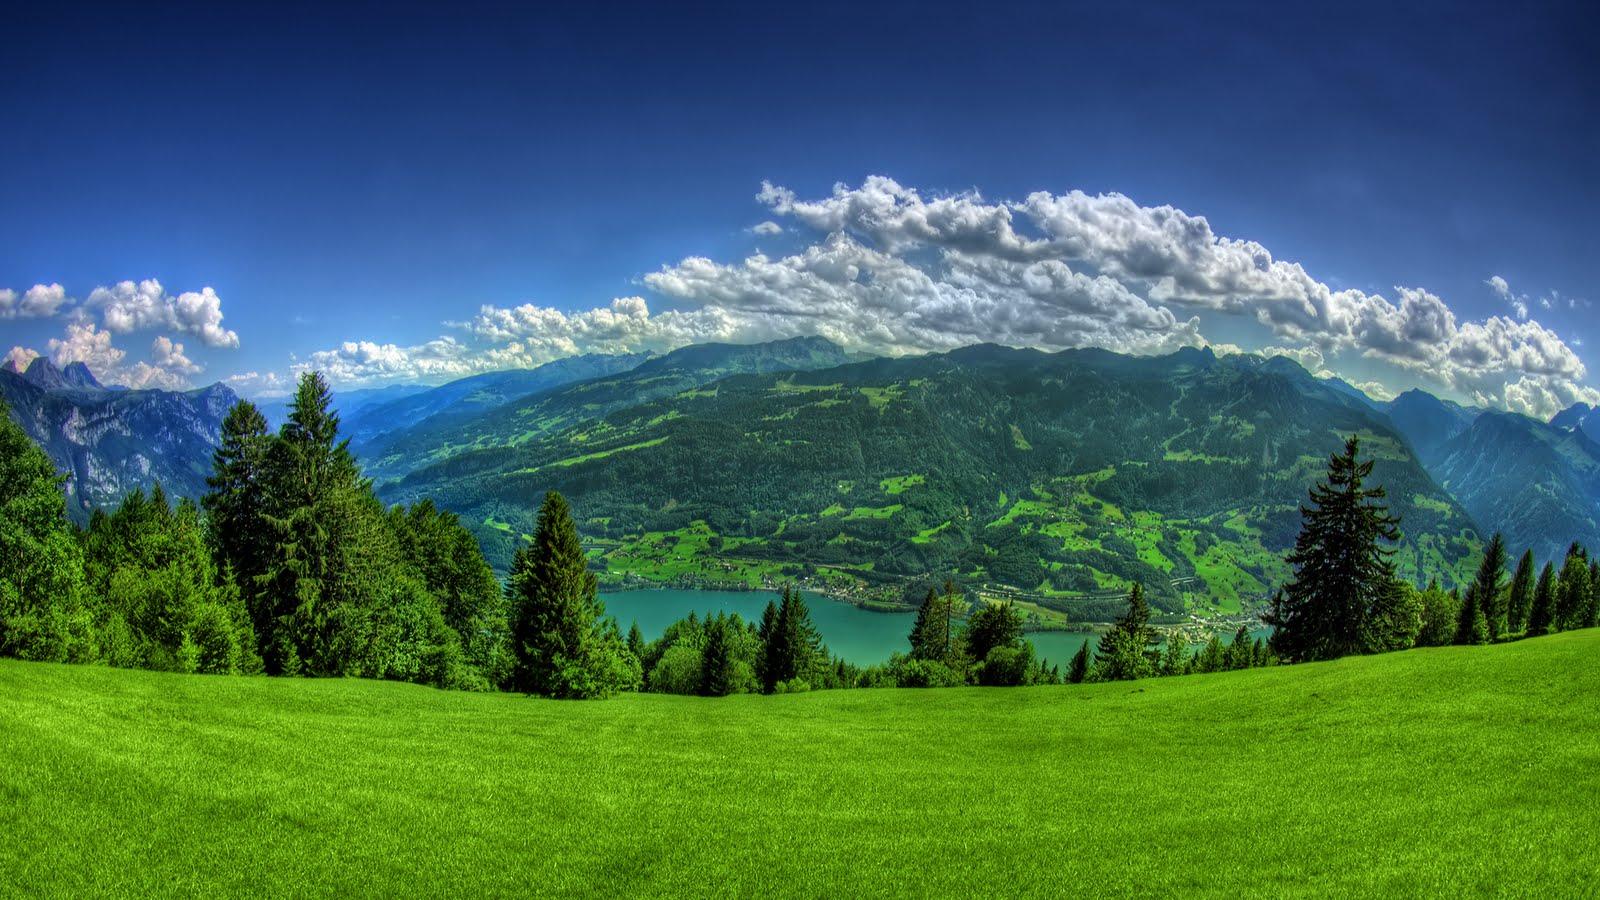 http://4.bp.blogspot.com/-RWZIcpD99gc/TeTeZ2UQPwI/AAAAAAAAAz0/Z3MQBLcPJc8/s1600/Nature+Nice+Nature+Wallpapers.jpg